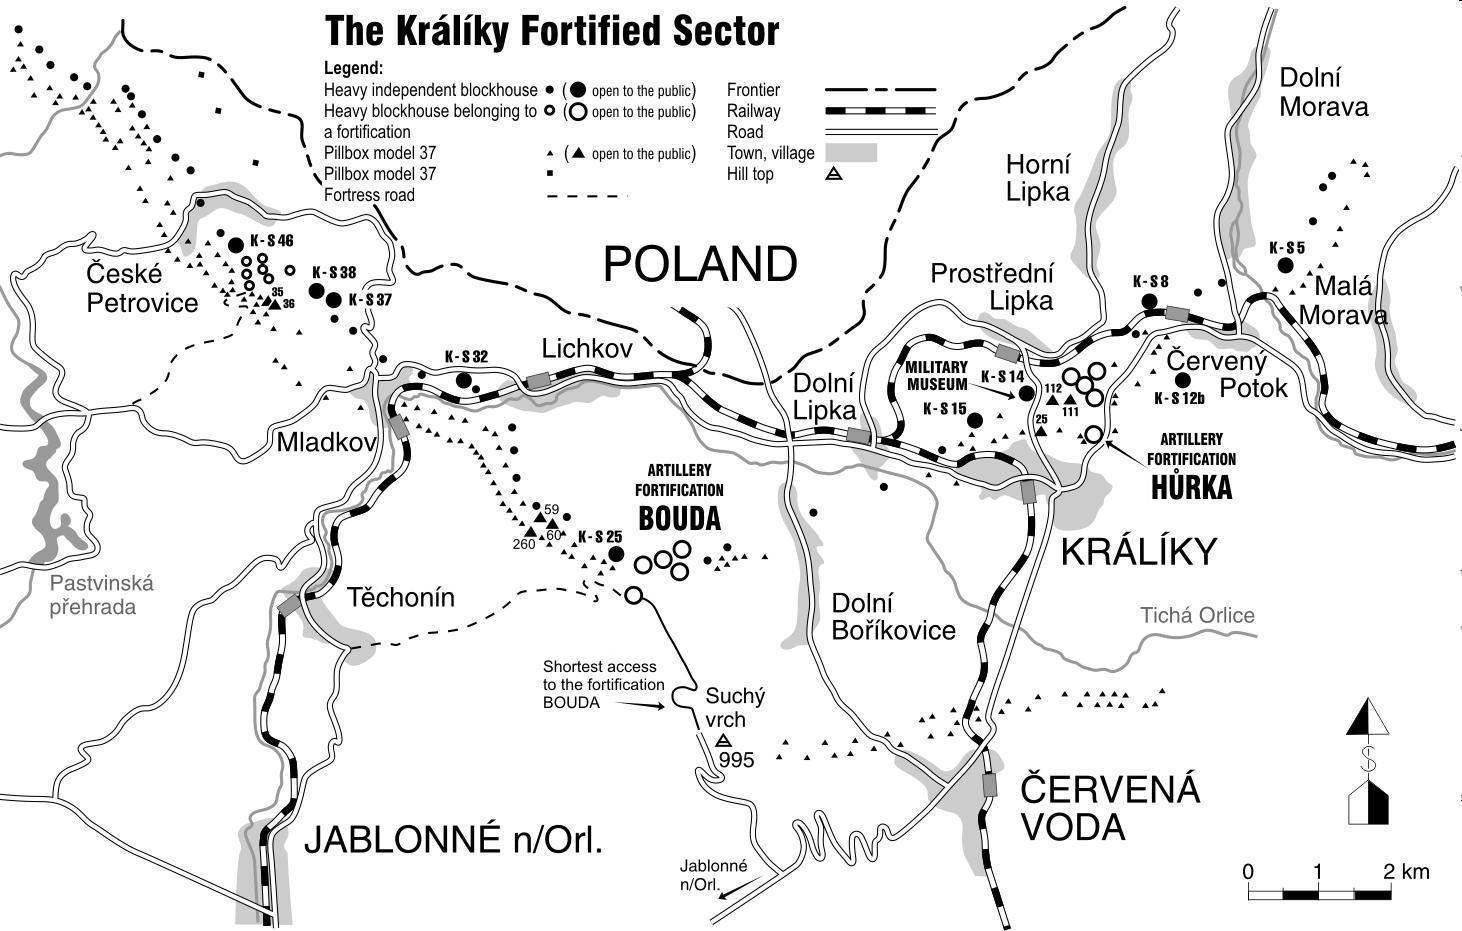 Mapa pokazująca rozmieszczenie wszystkich bunkrów należących do systemu Kraliky. Źródło: boudamuseum.com